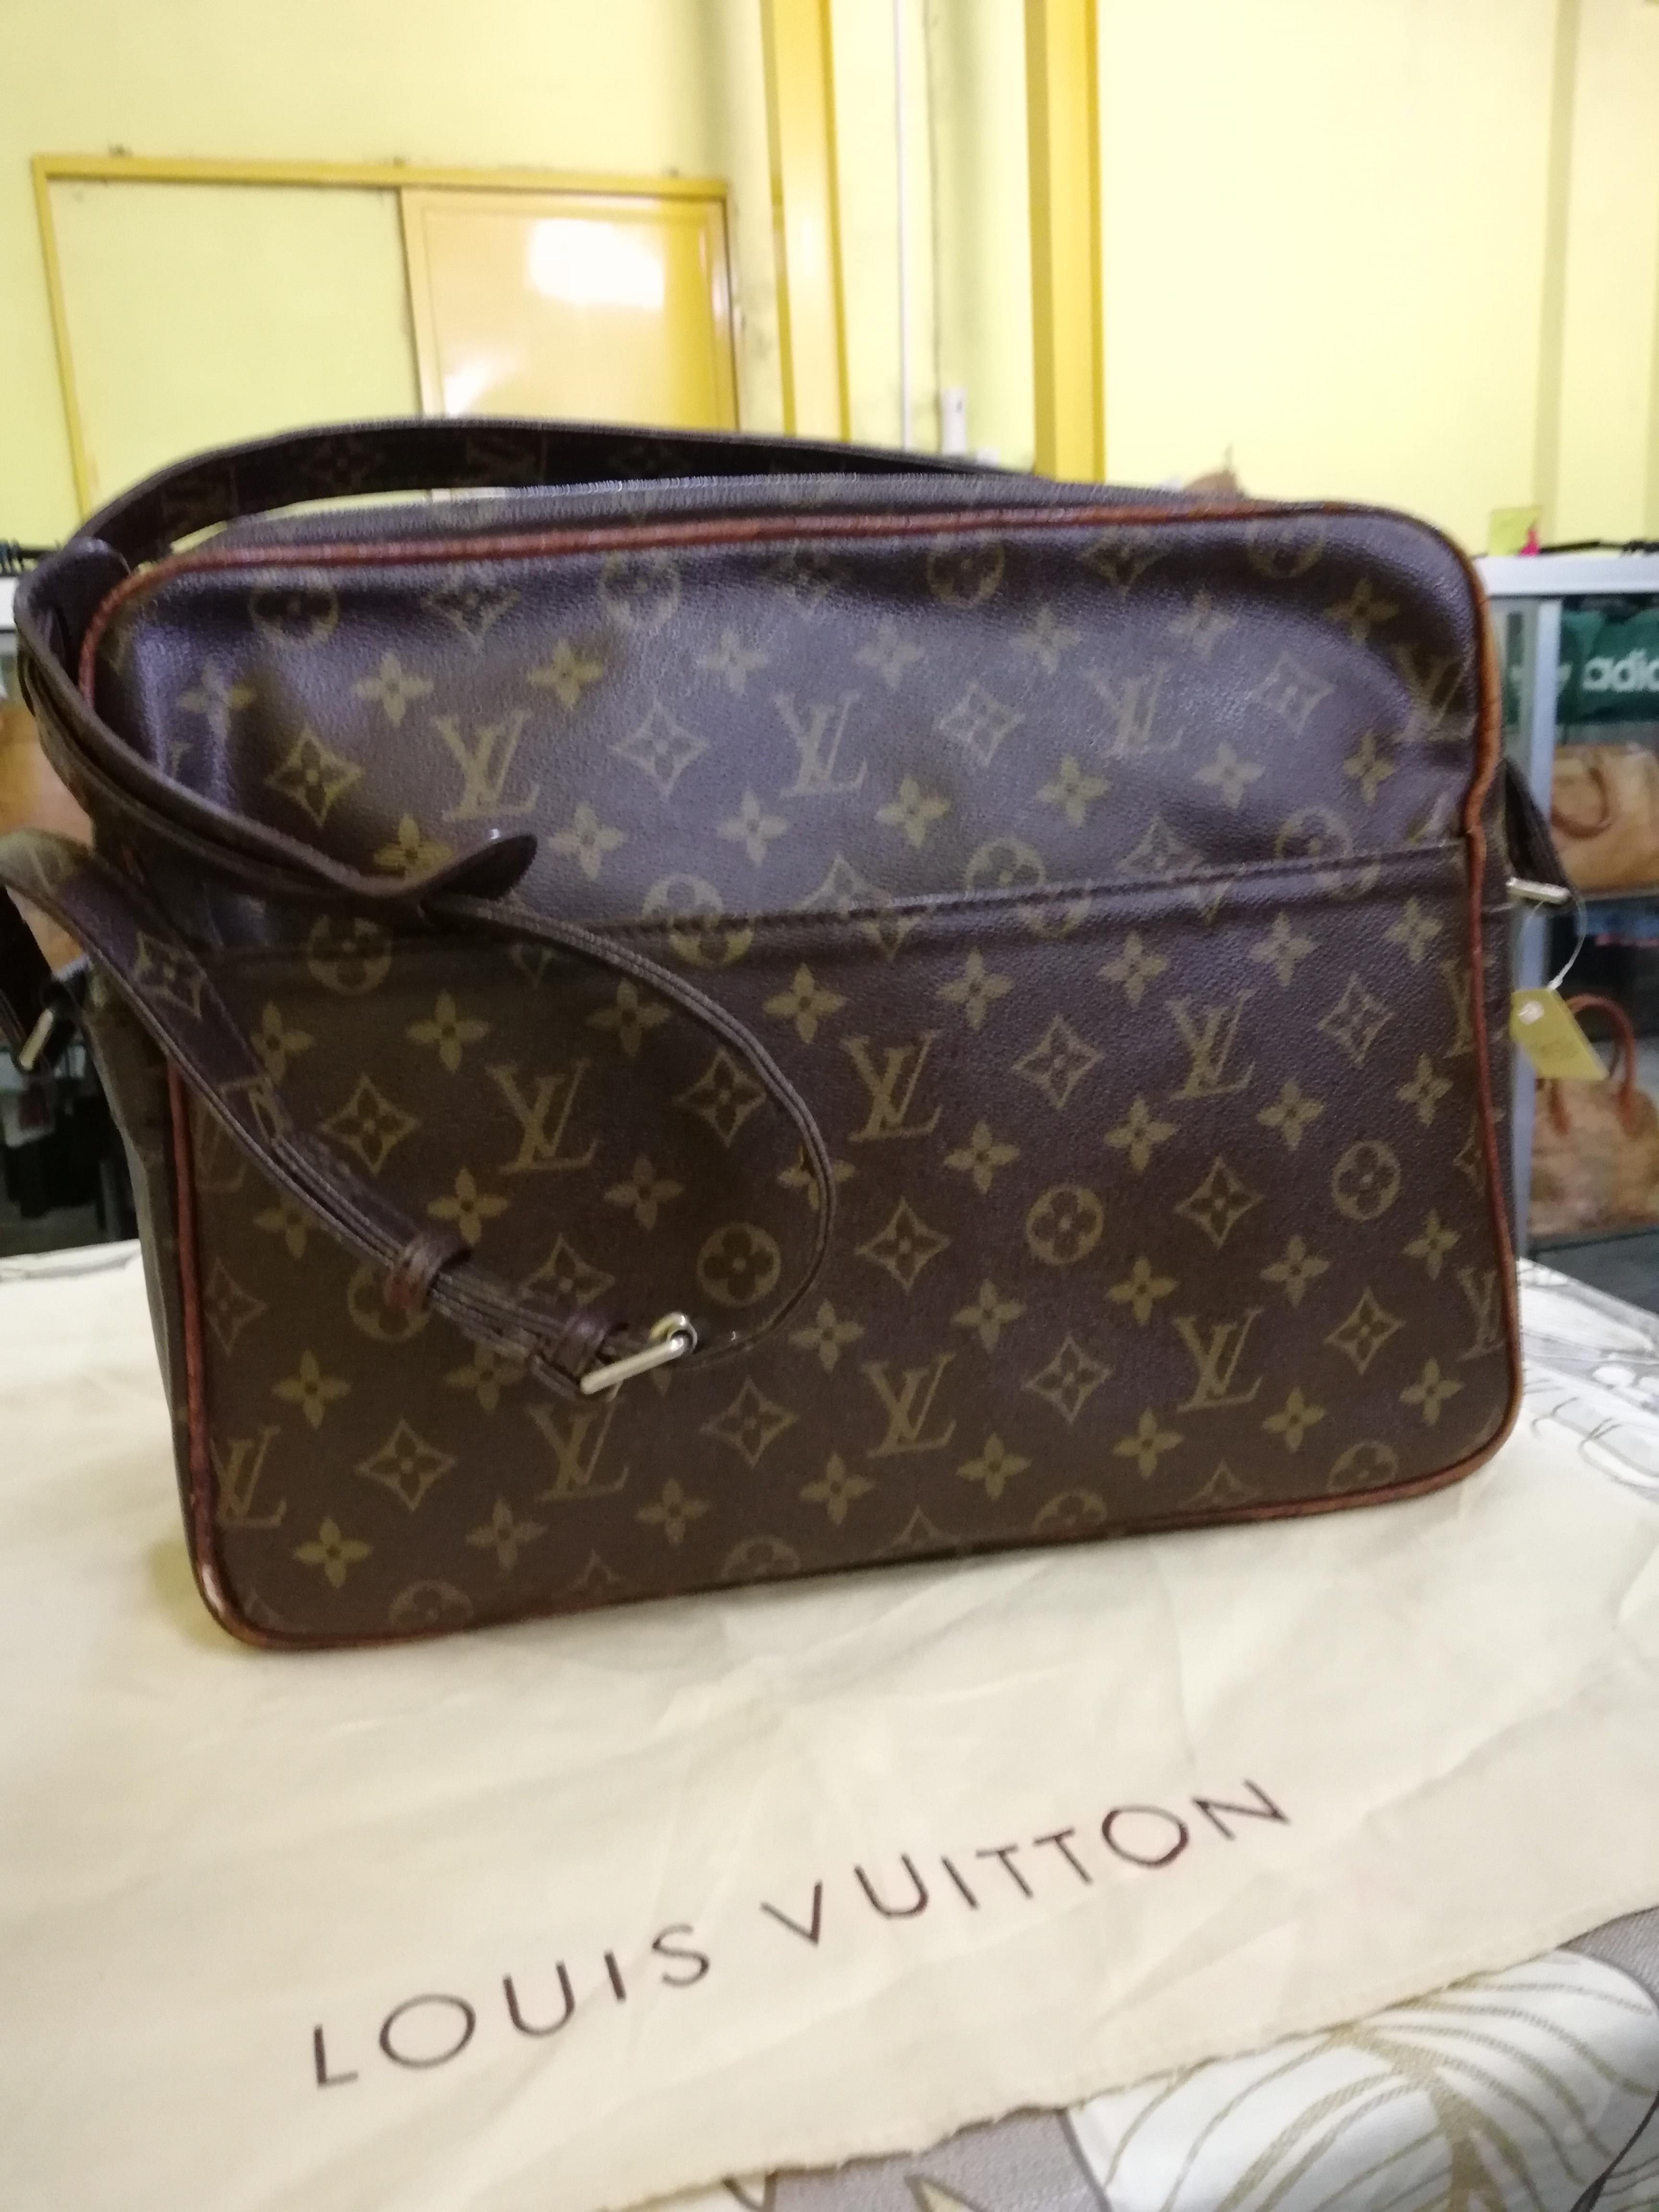 9766121ac73 Louis Vuitton ×. Authentic vintage Louis Vuitton Nile Monogram Canvas Shoulder  Bag like goyard ...